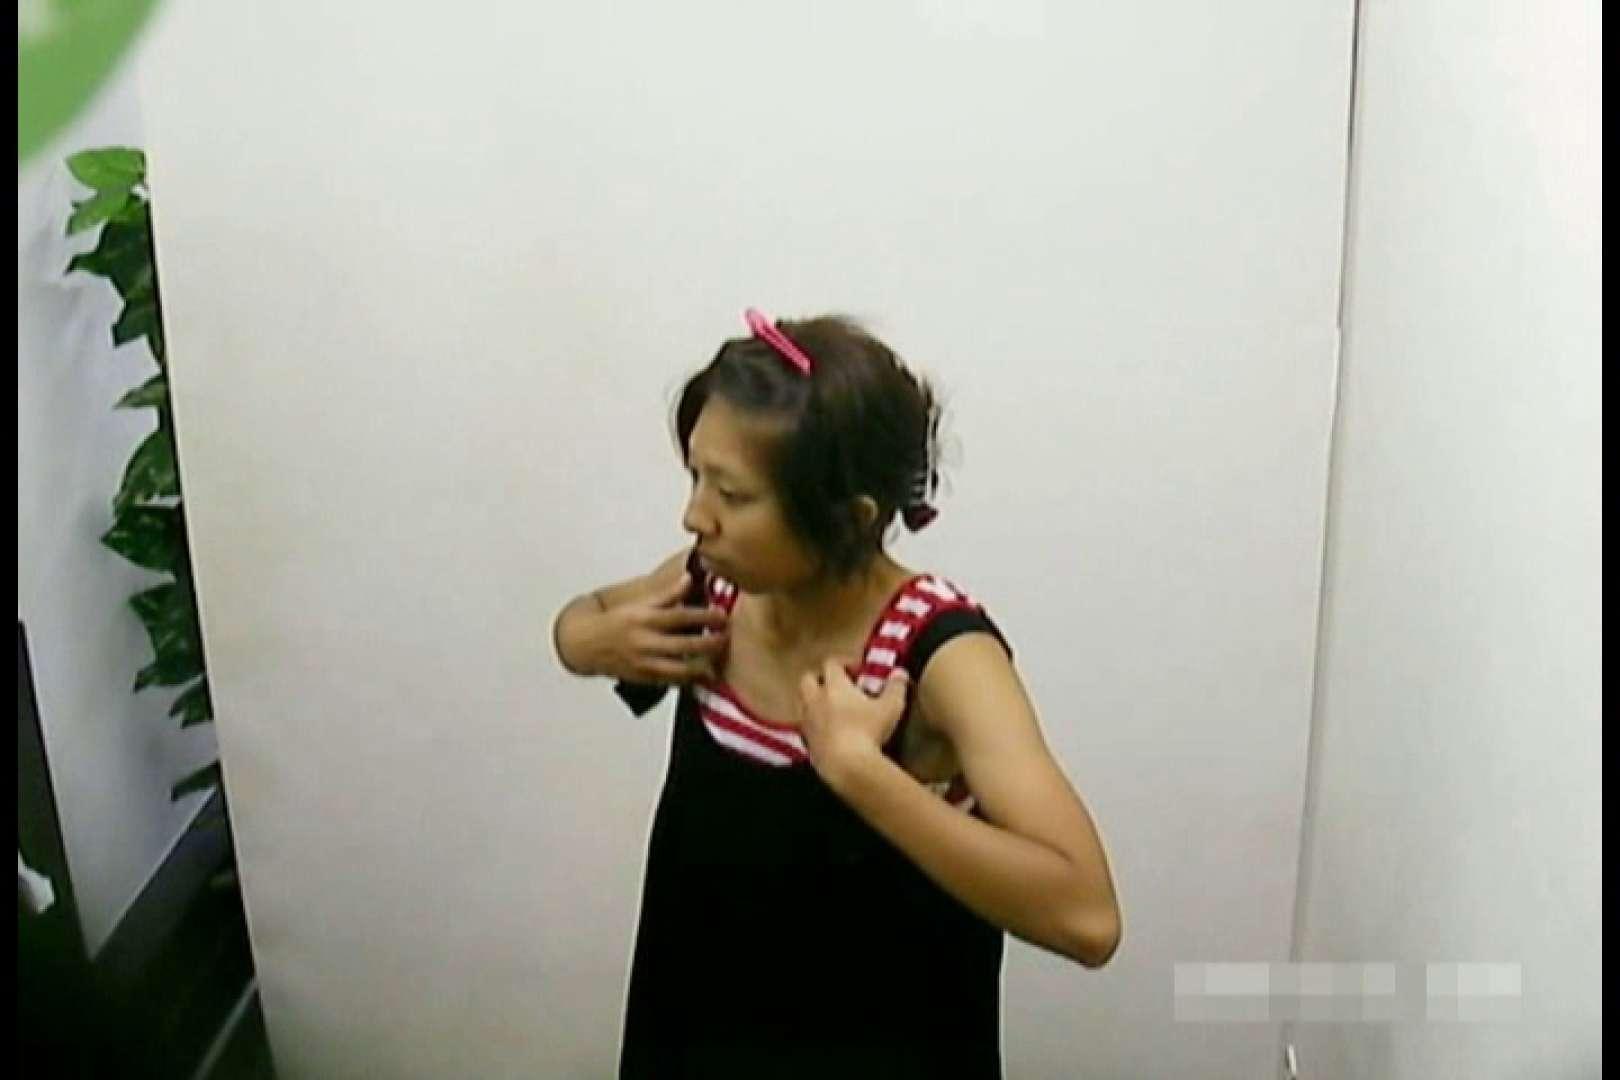 素人撮影 下着だけの撮影のはずが・・・エミちゃん18歳 オマンコ無修正 スケベ動画紹介 107pic 6